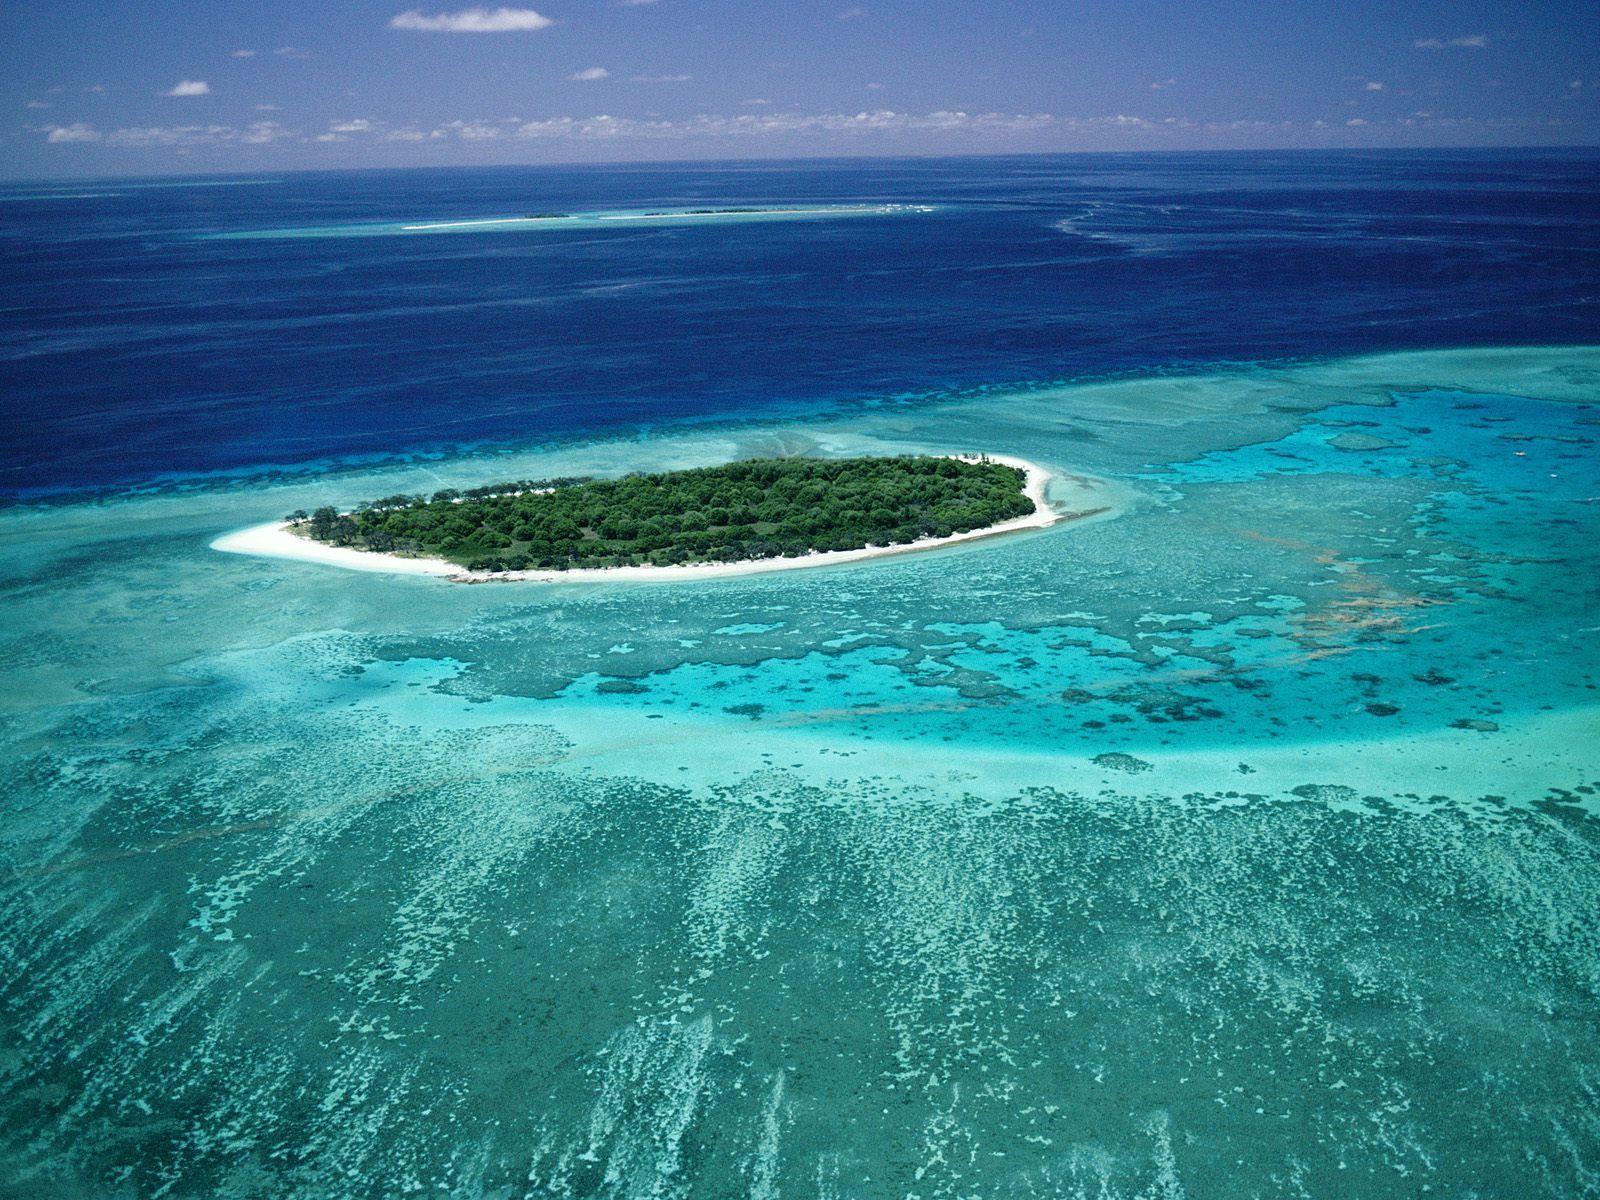 Zone del Pianeta in pericolo: la grande barriera corallina in Austrialia